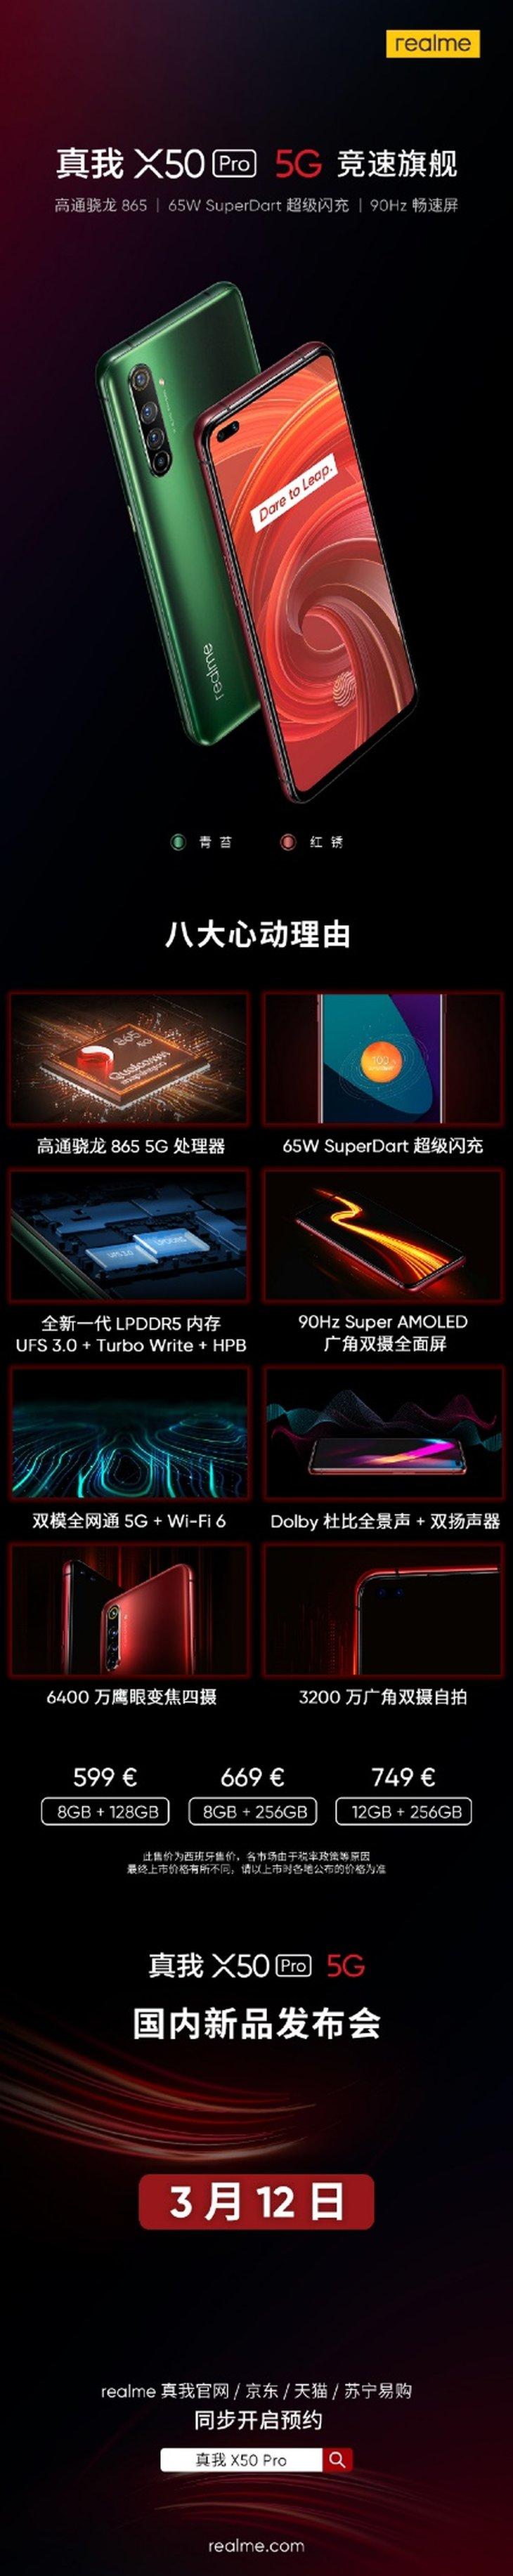 realme真我X50 Pro海外正式发布 骁龙865+90Hz屏幕